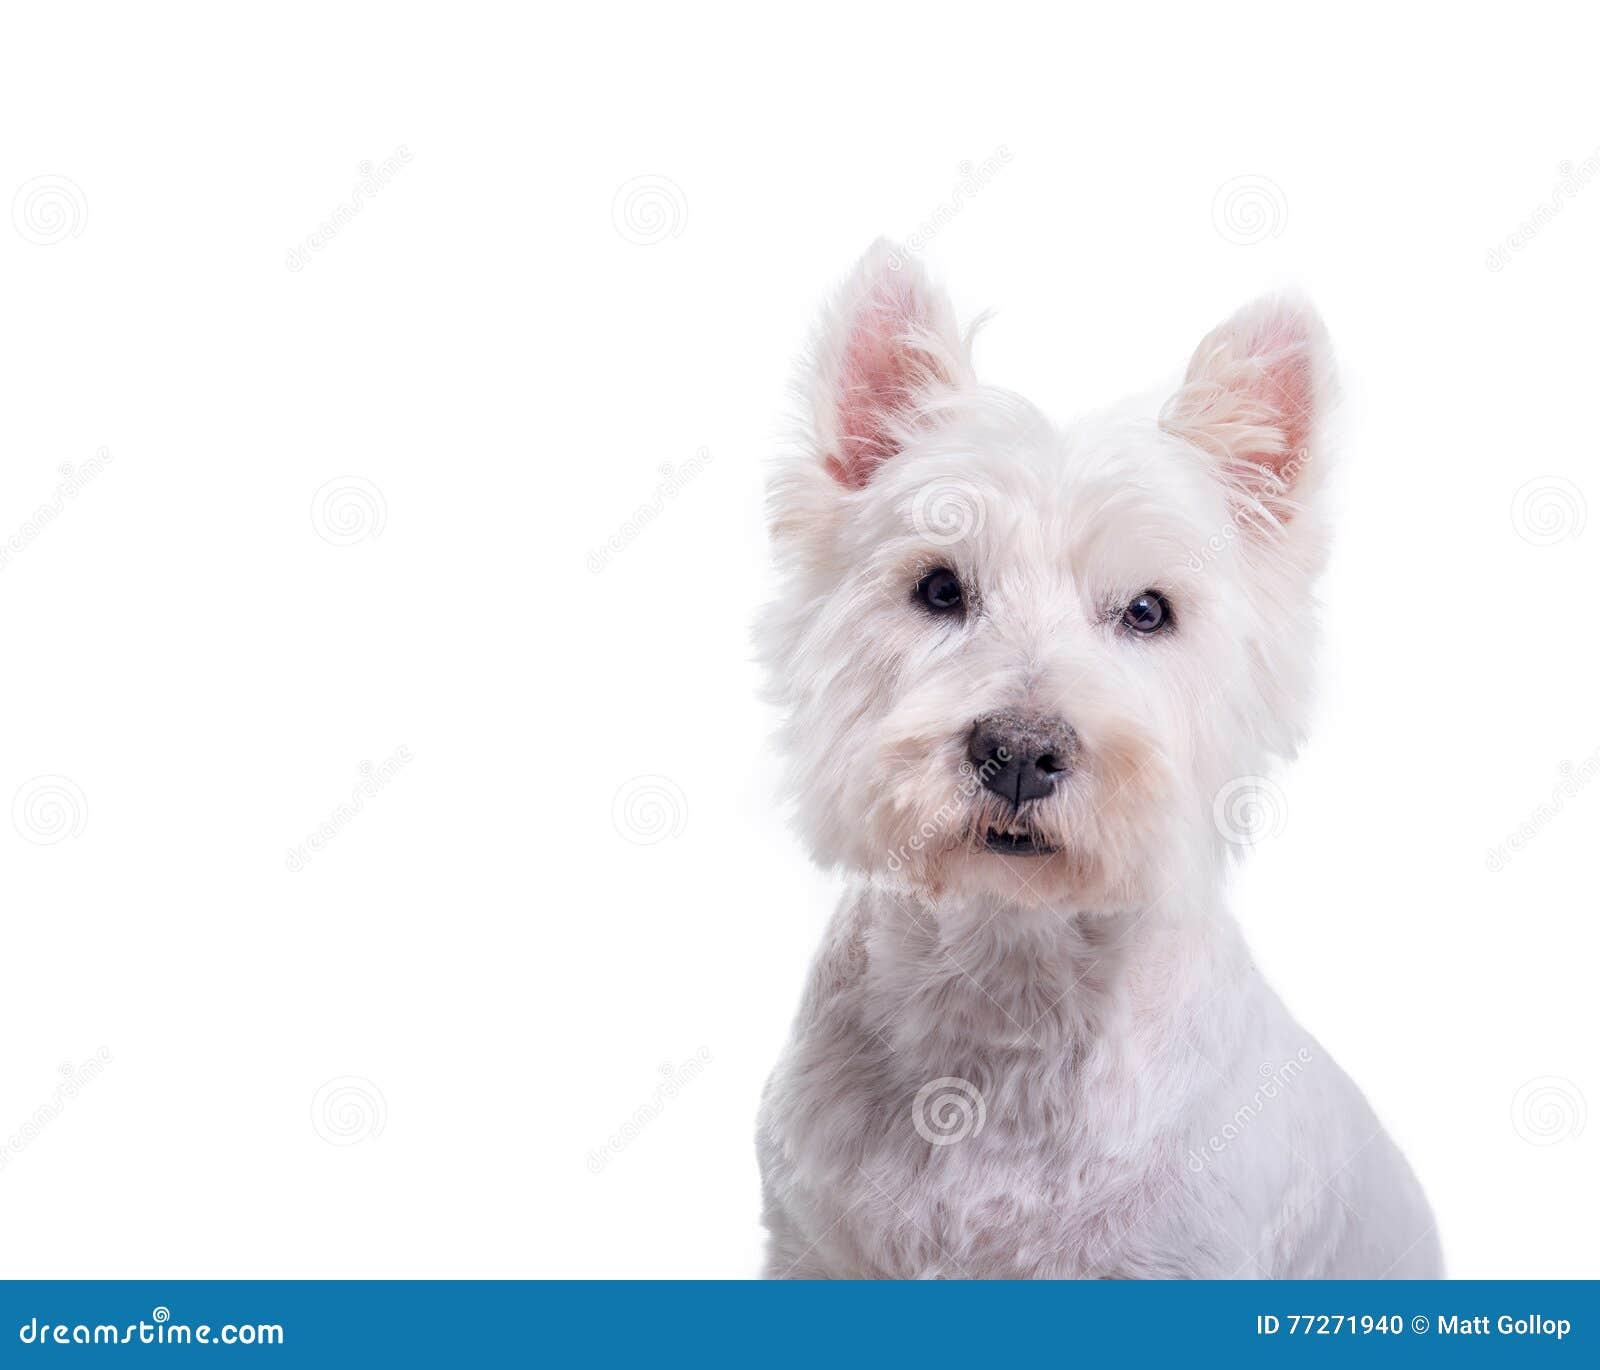 Hund auf dem weißen Hintergrund, eingelassen einem Studio